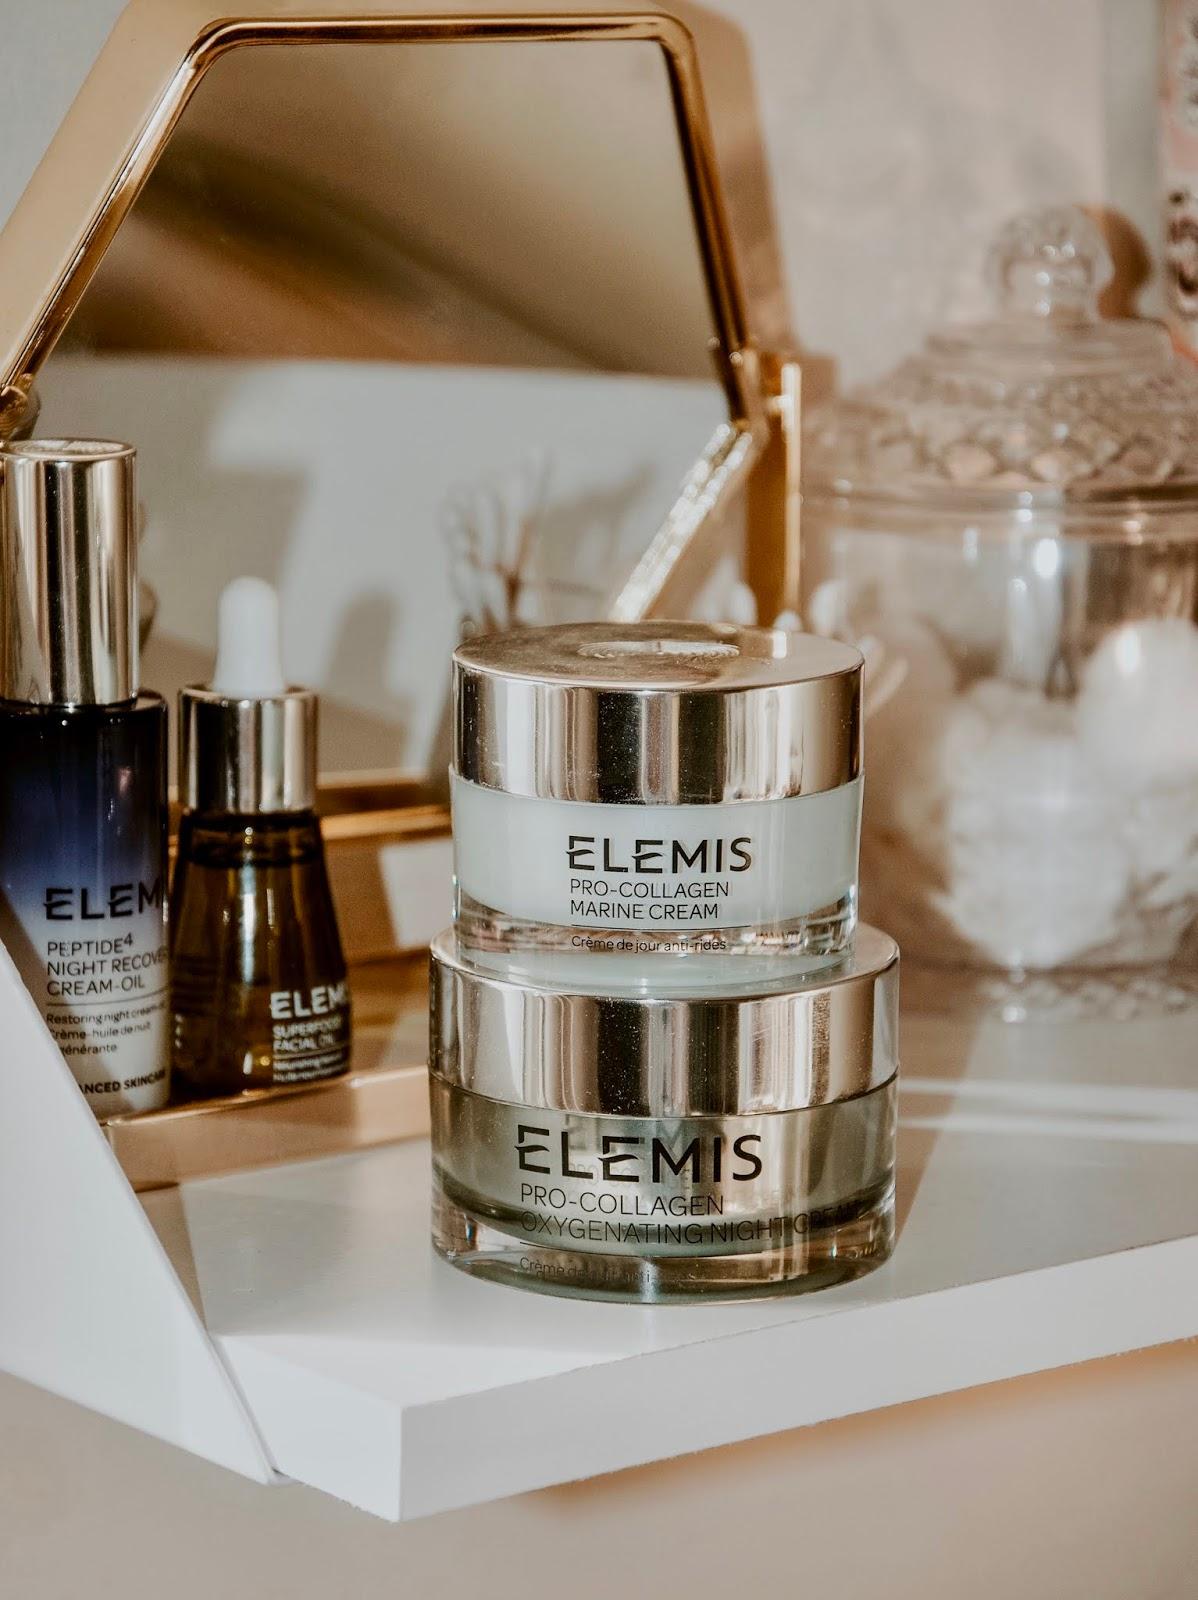 Elemis pro-collagen marine day cream